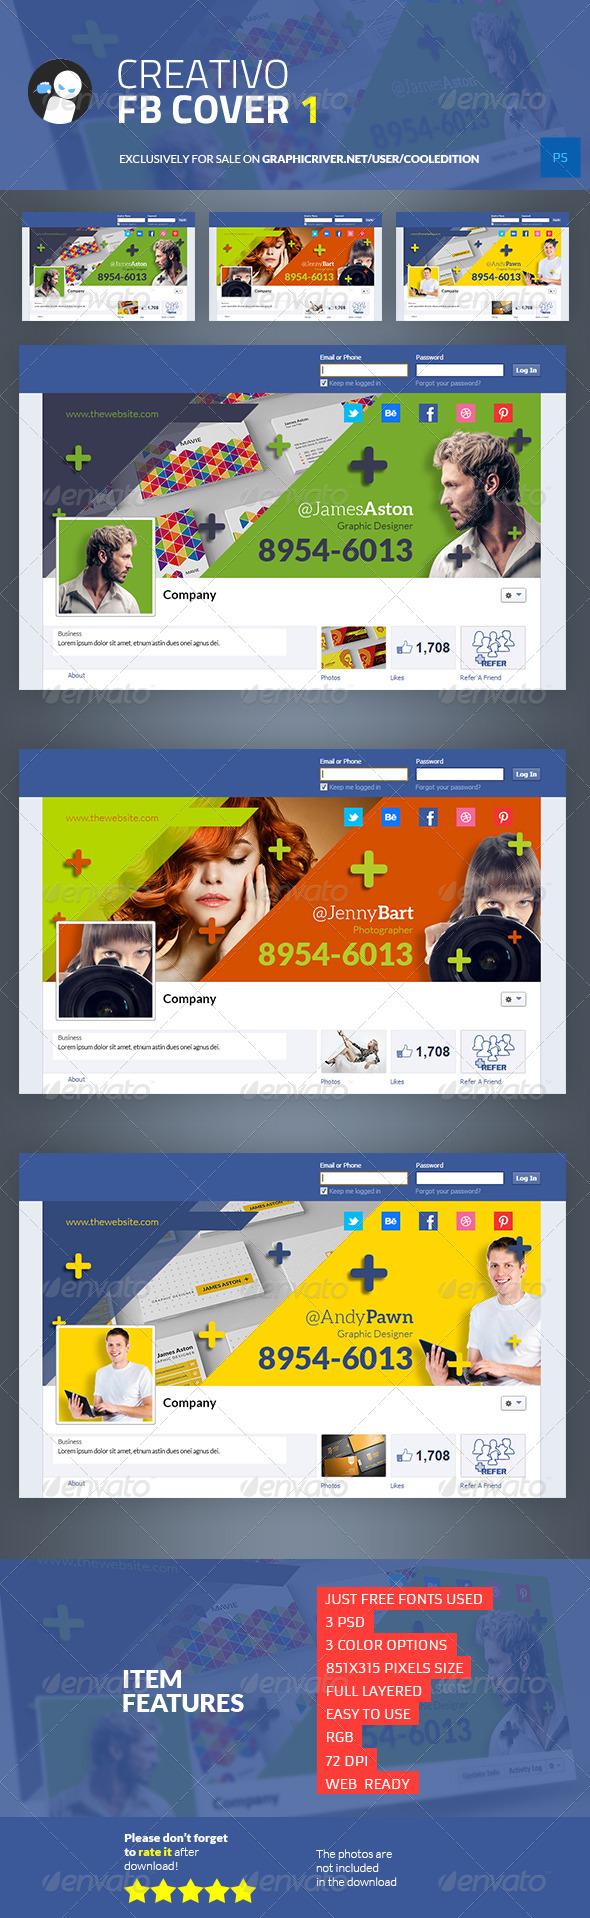 Creativo Facebook Cover 1 - $3